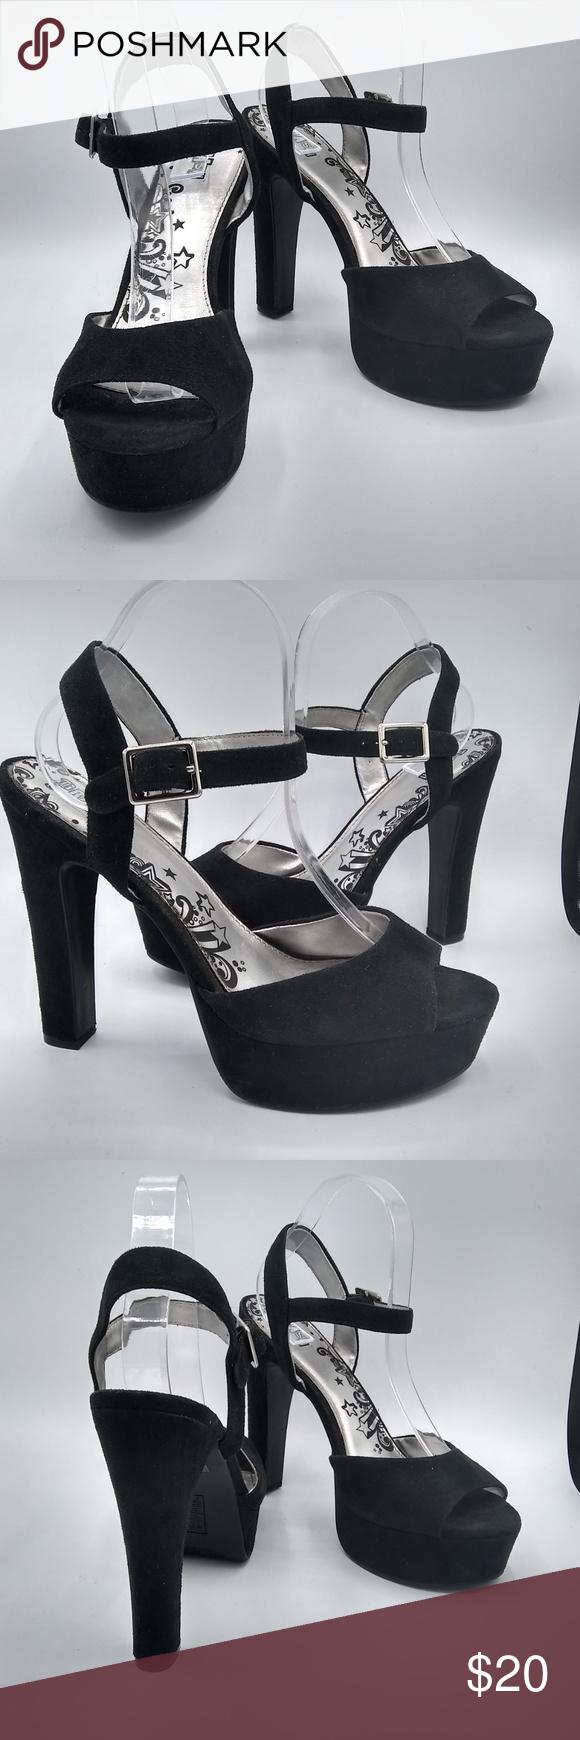 Brash Black Platform Heels Size 10 in